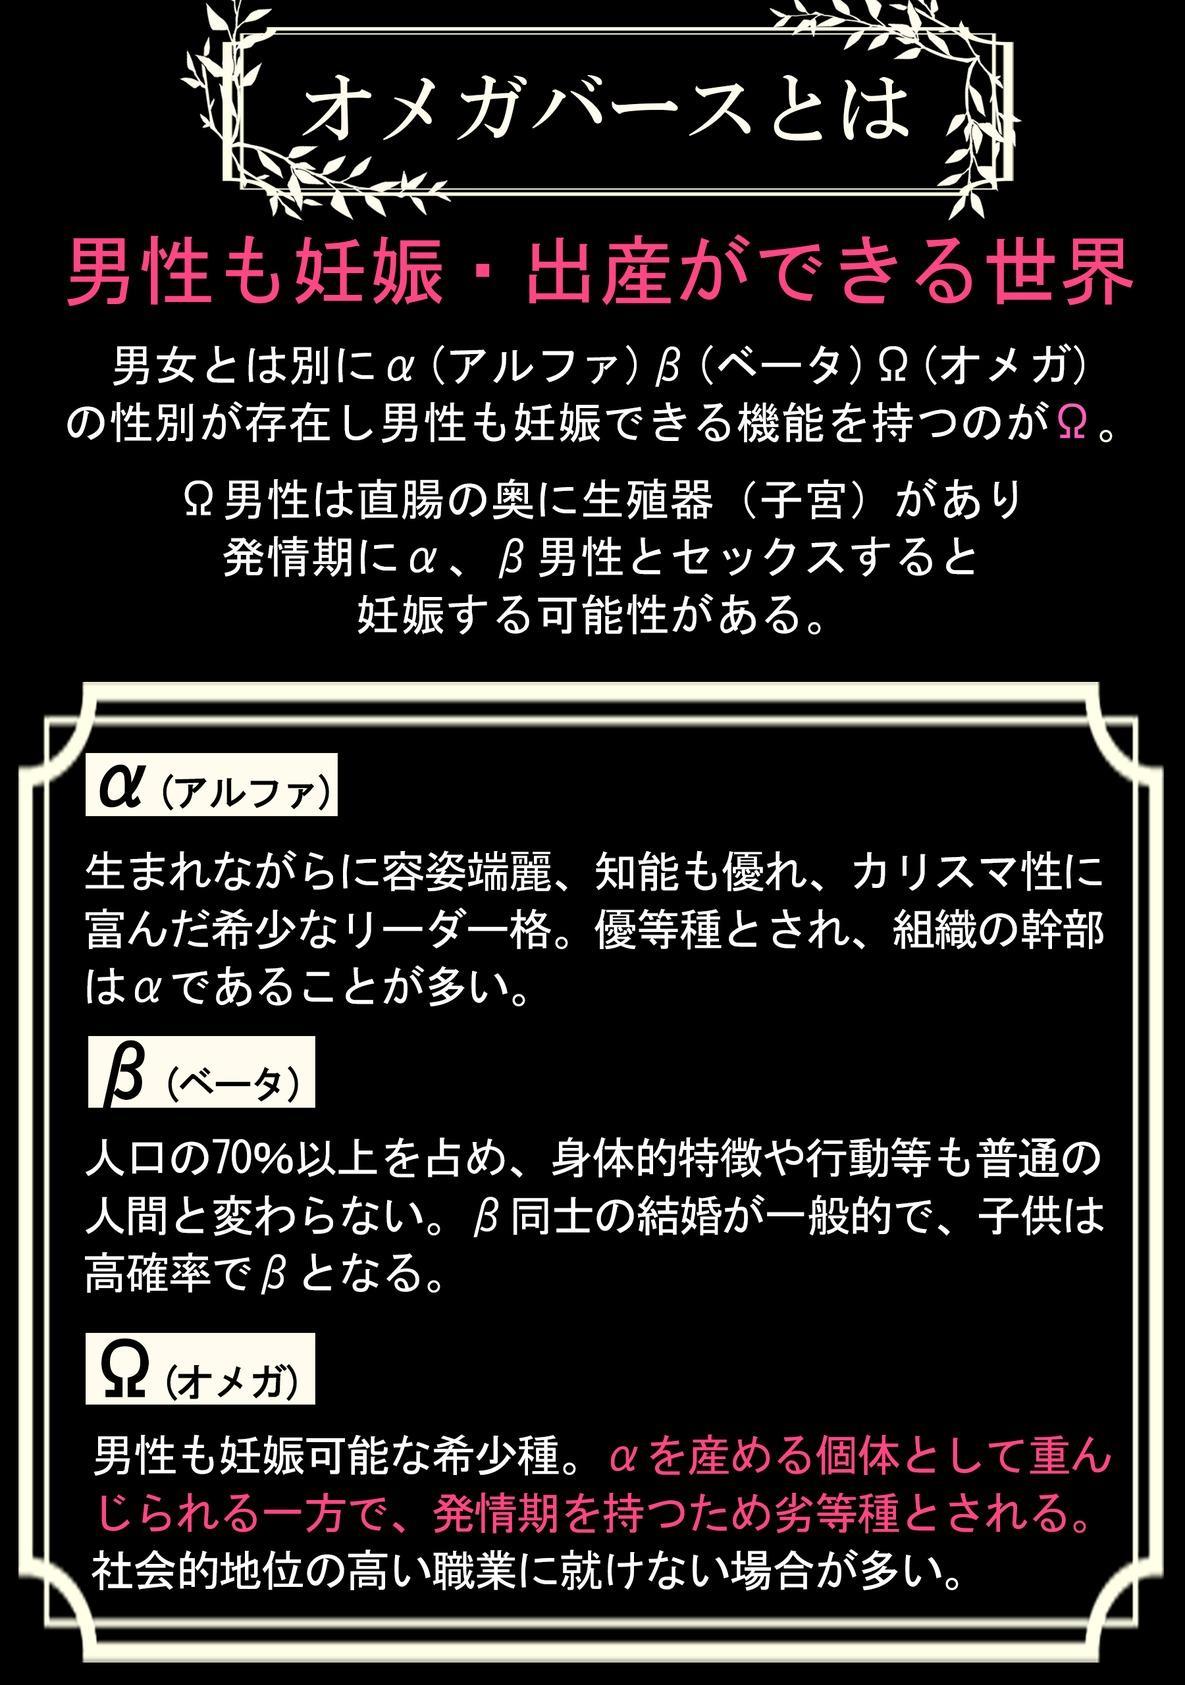 Kurui Naku no wa Boku no Ban ~ vol.2 2